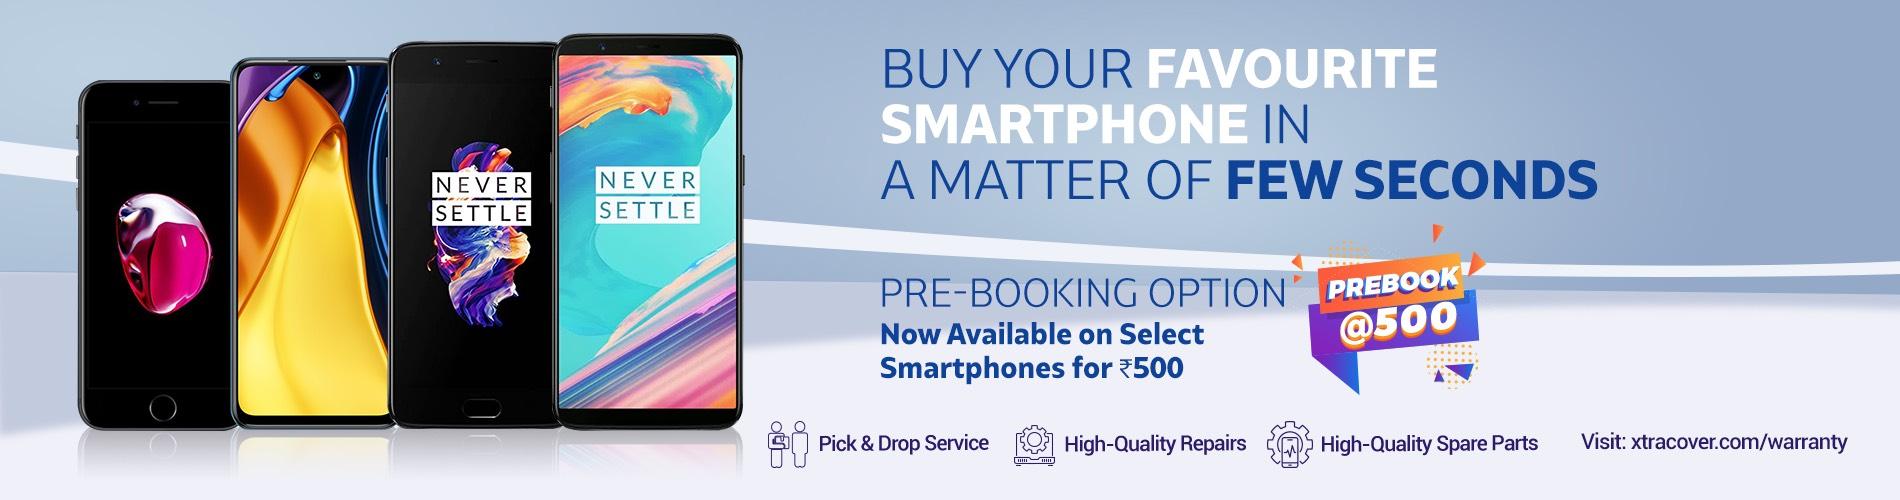 mobile pre booking - 3